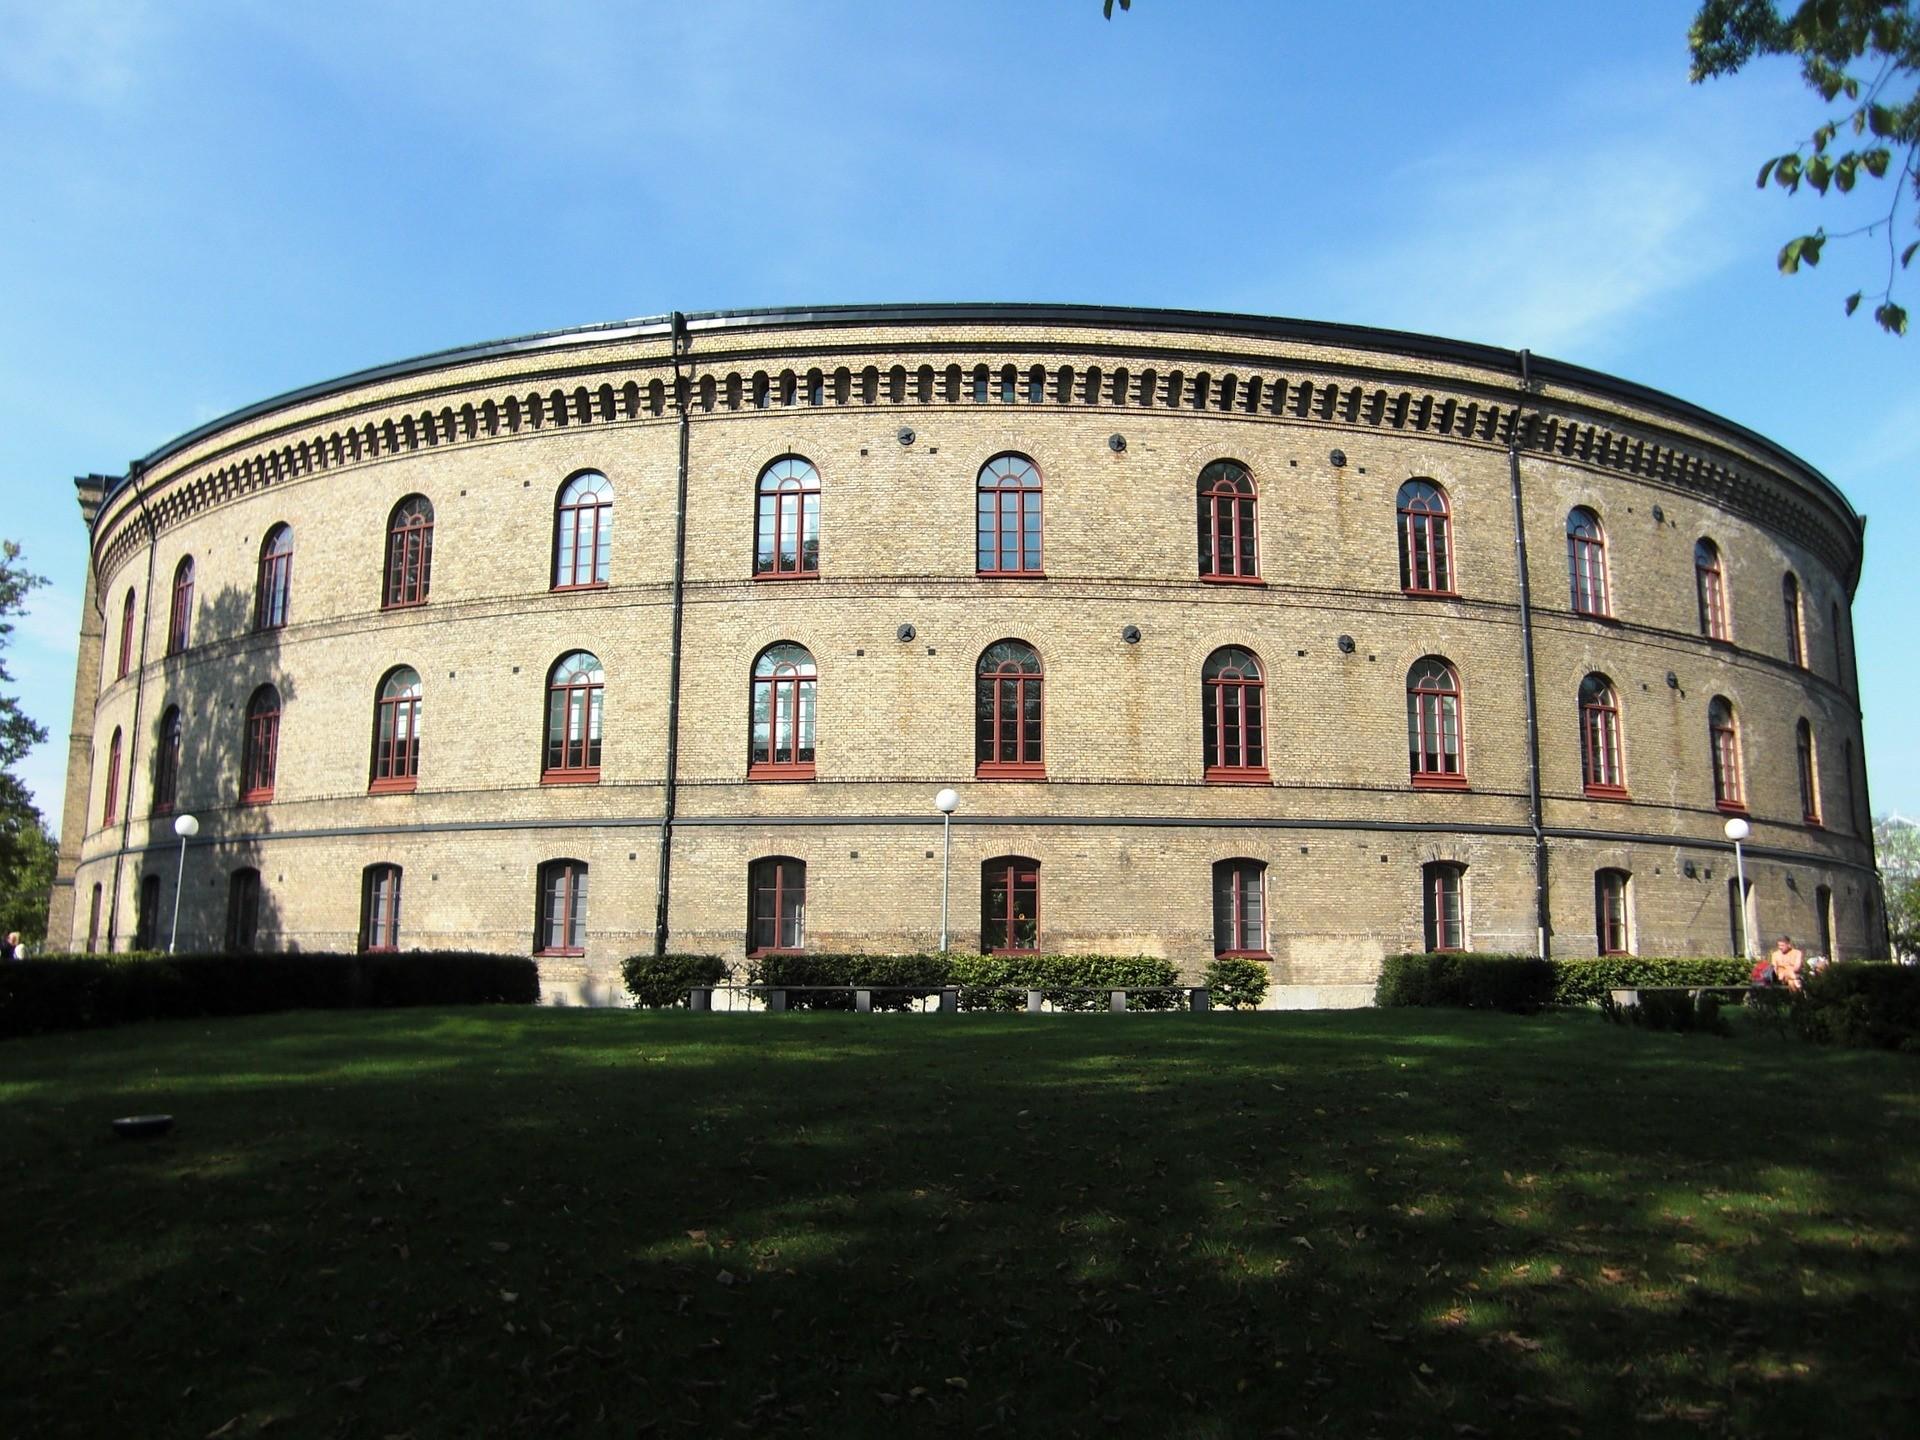 Experiencia en la universidad de Gotemburgo, Suecia, por Arthur